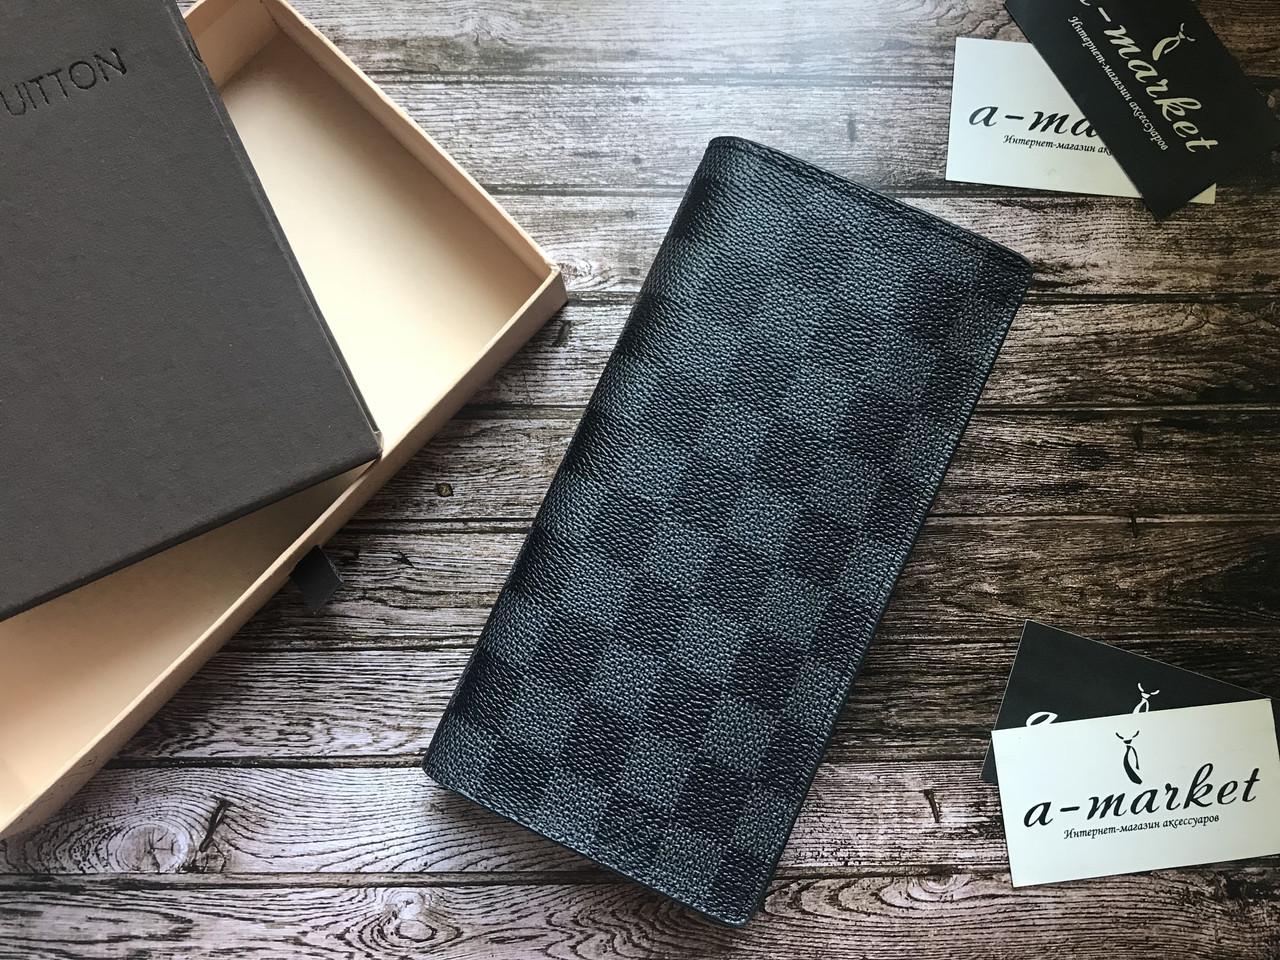 0944ac93c0fb Органайзер кошелек клатч портмоне бумажник серый мужской женский Louis  Vuitton премиум реплика - AMARKET - Интернет